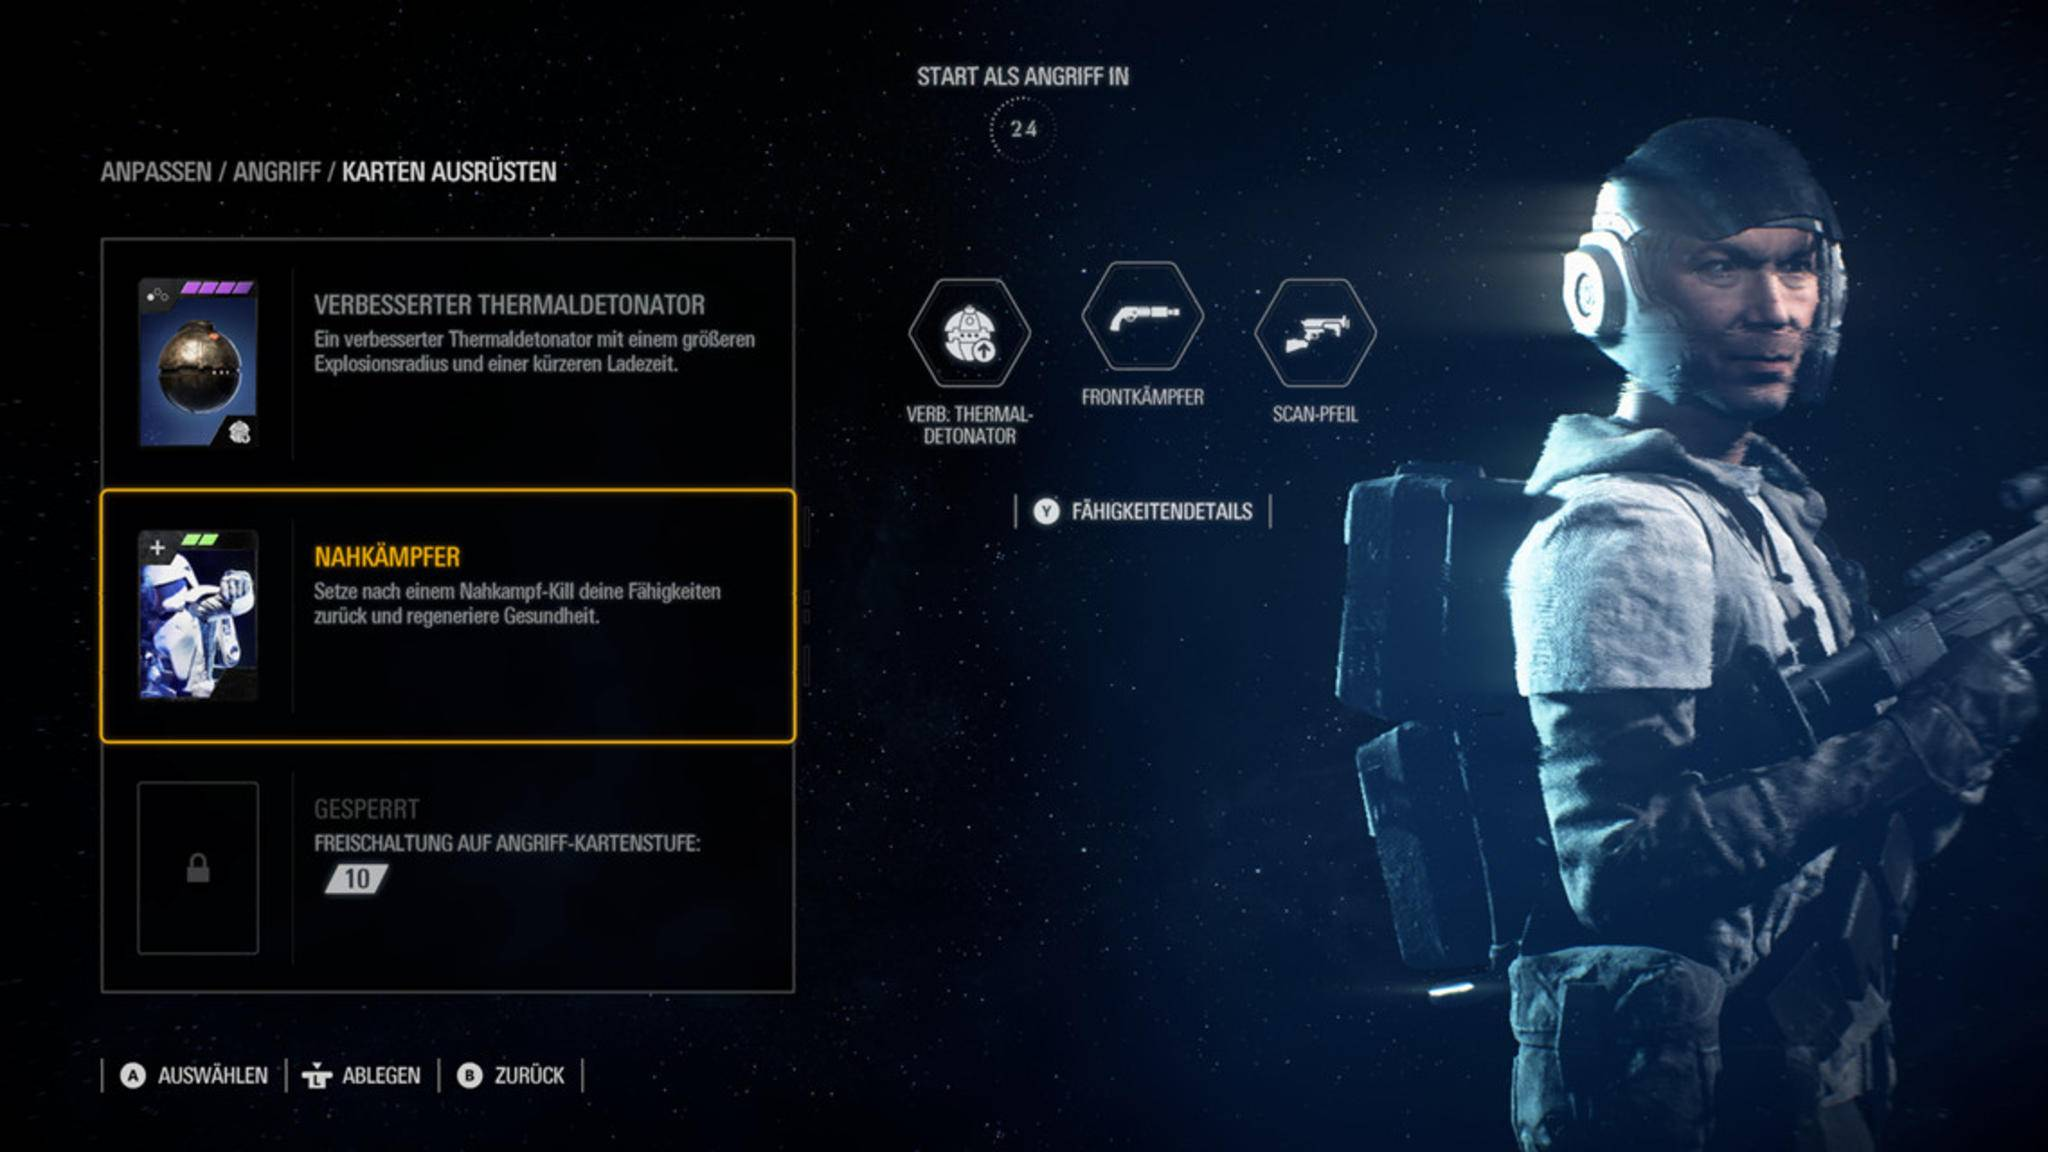 """Das Sternkarten-System in """"Star Wars: Battlefront 2"""" stößt auf viel Kritik. Bald wird es möglicherweise abgeschafft."""